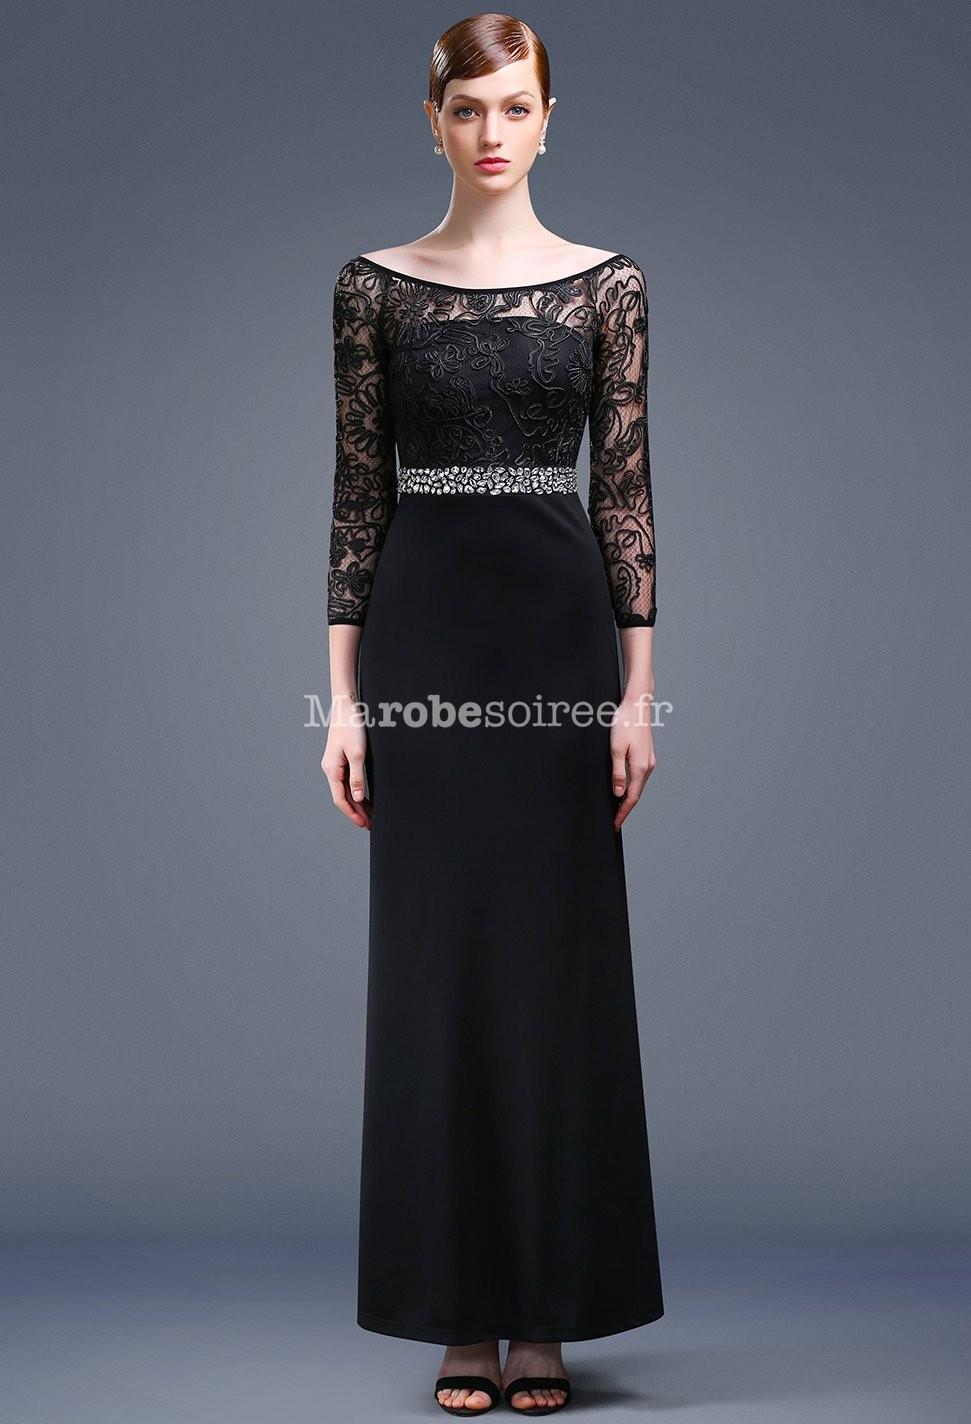 Robe longue noire pres du corps